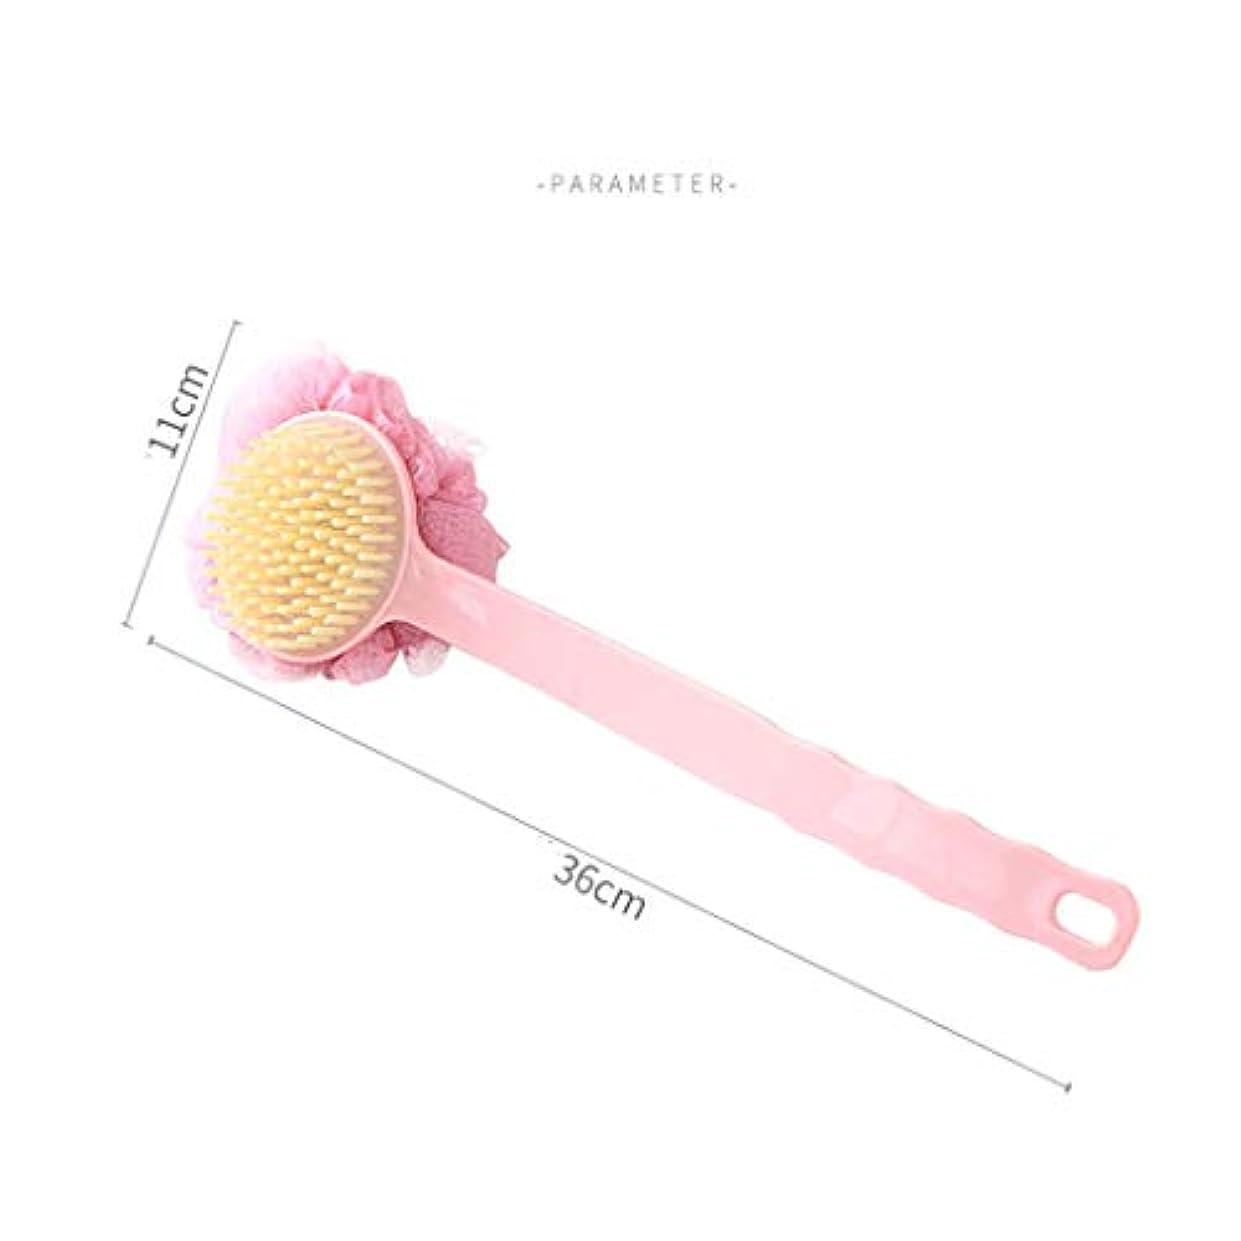 タイプ厳しいピケBath Body Brush - 敏感肌用のソフトファーロングハンドルエクスフォリエーションバックスクラバー付きシャワーボディバックブラシ (色 : ピンク)